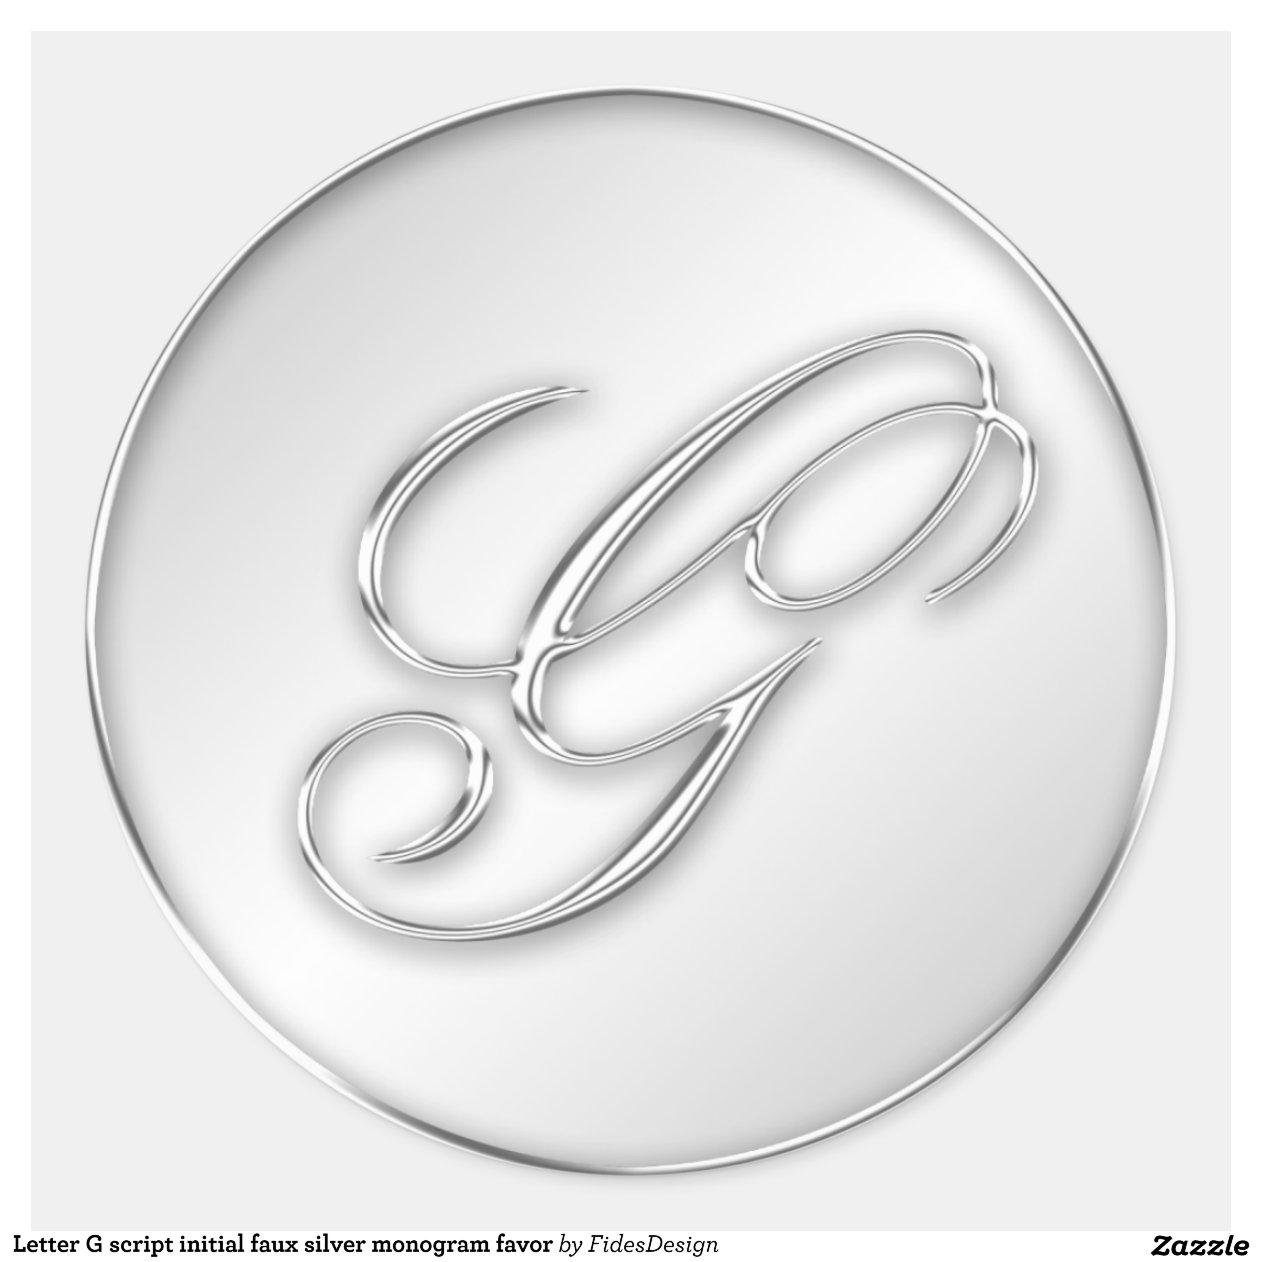 Script Letter G Letter G script initial faux